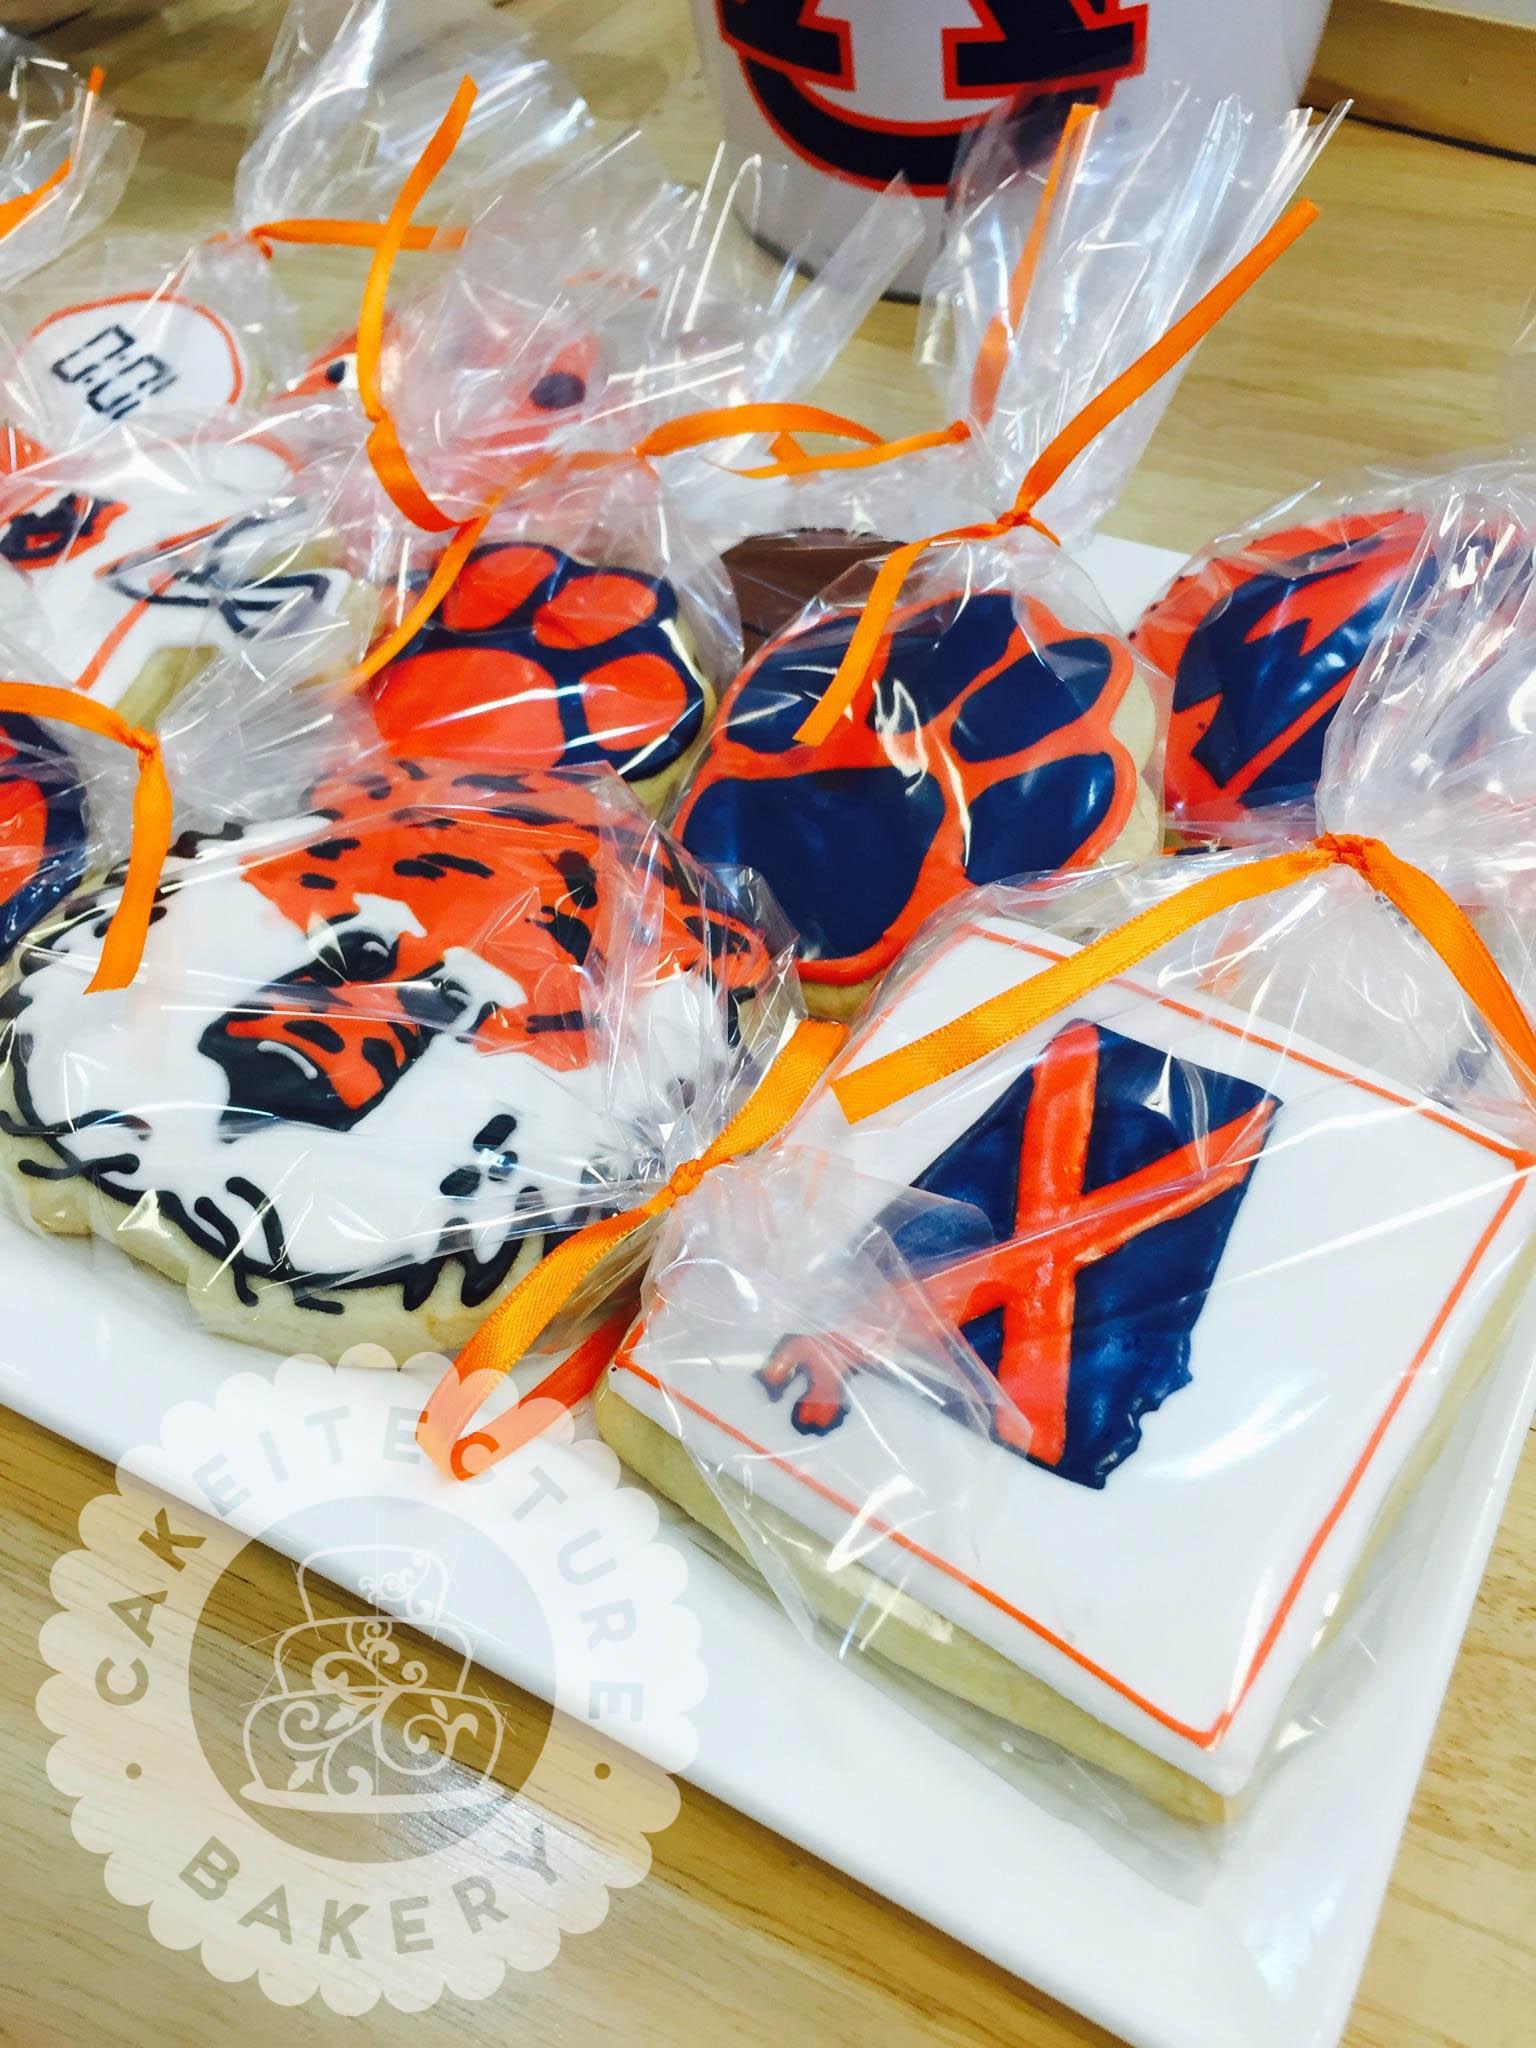 Auburn_cookies.jpg